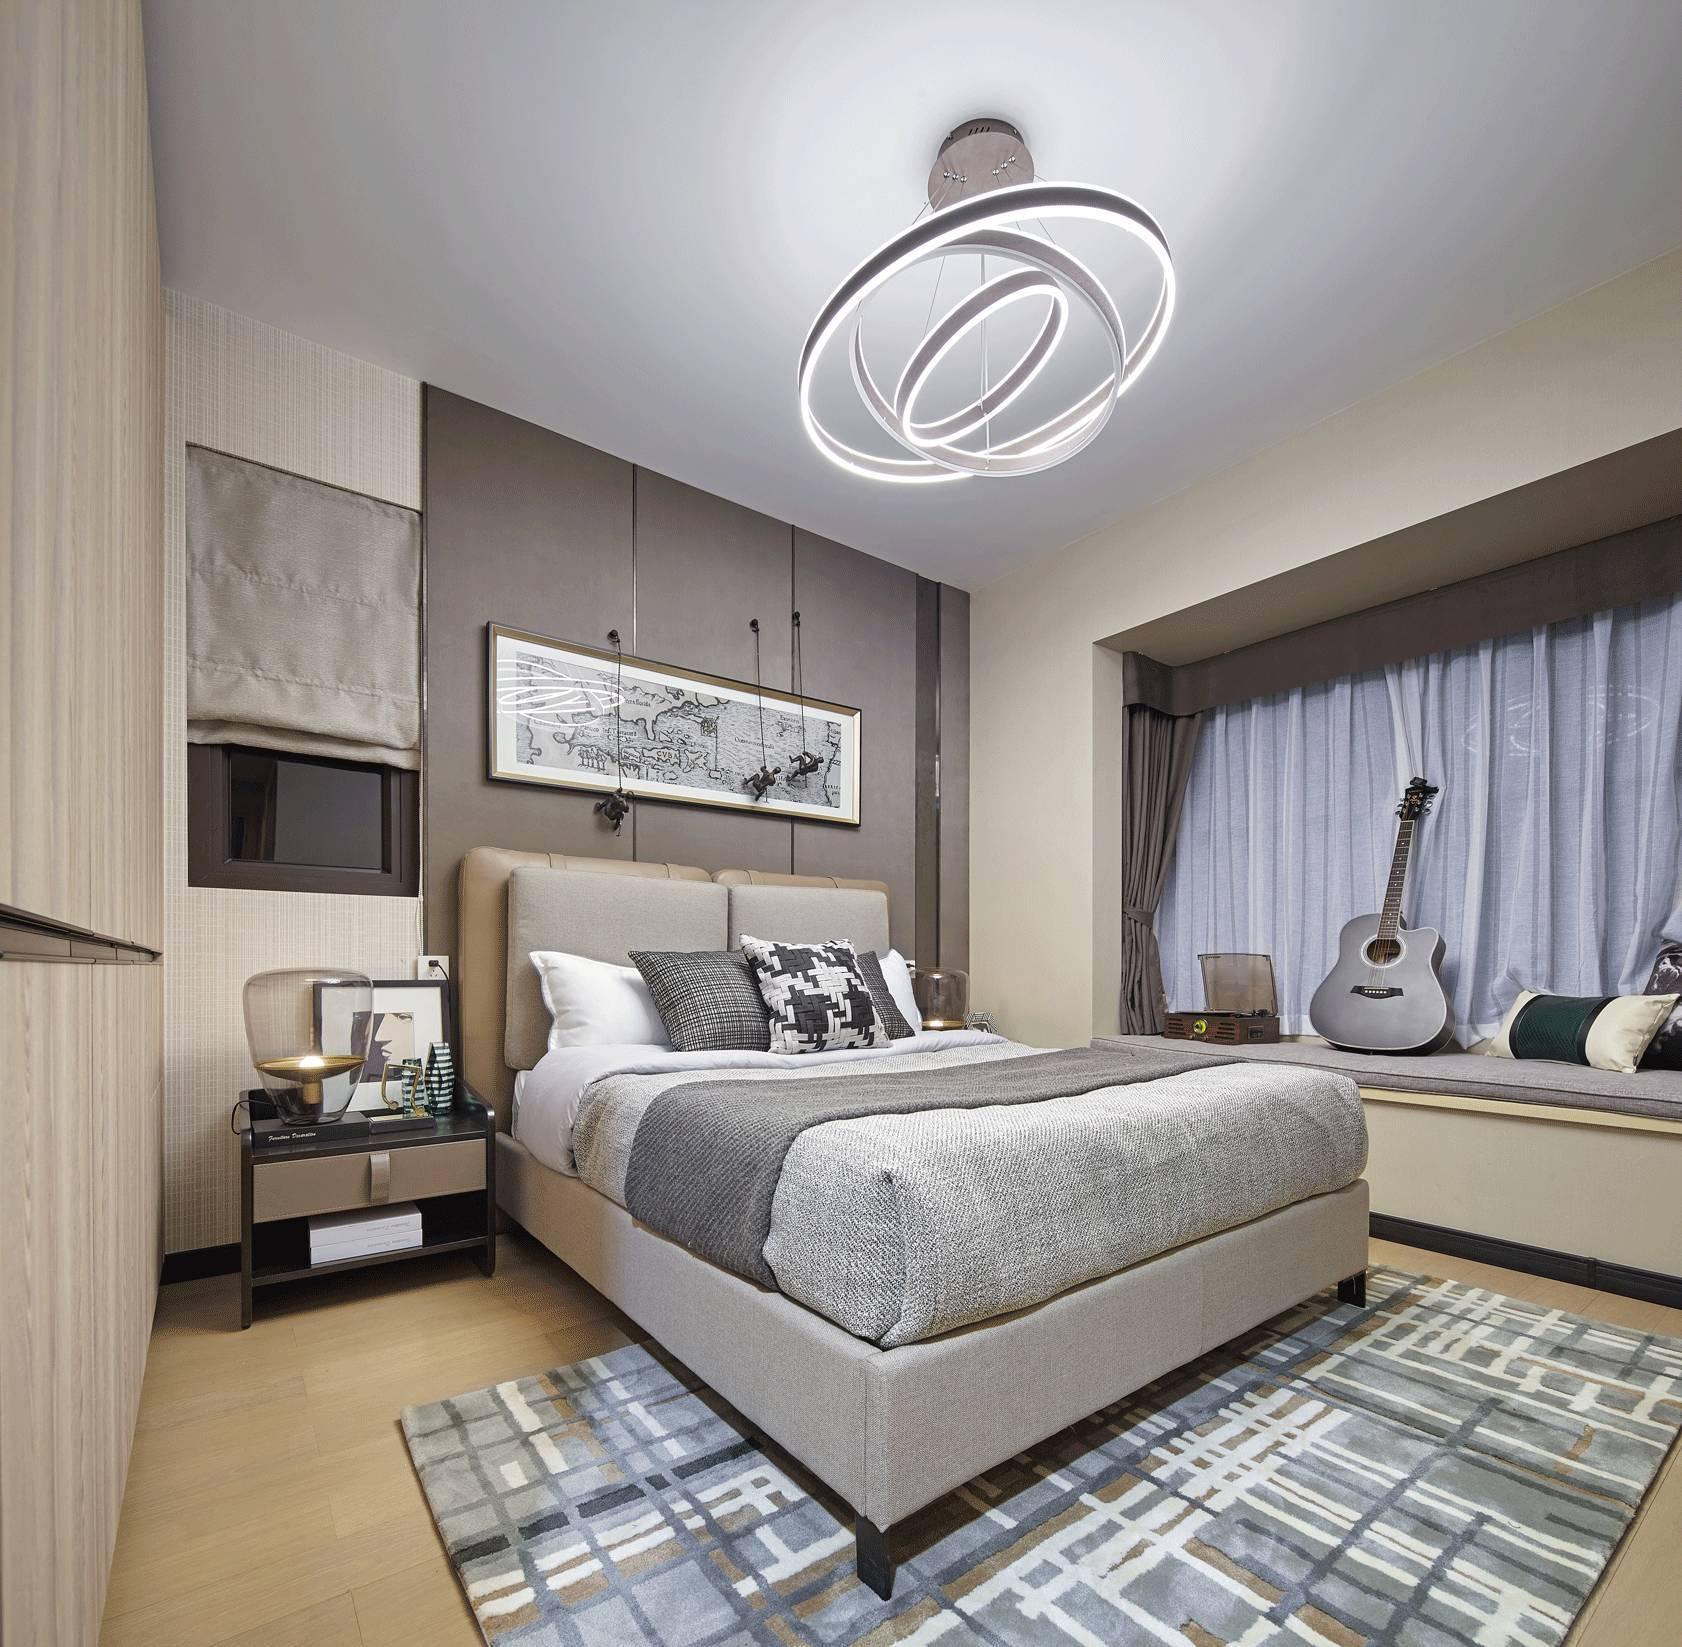 90㎡极简灰样板房设计,打造极致精致优雅生活!